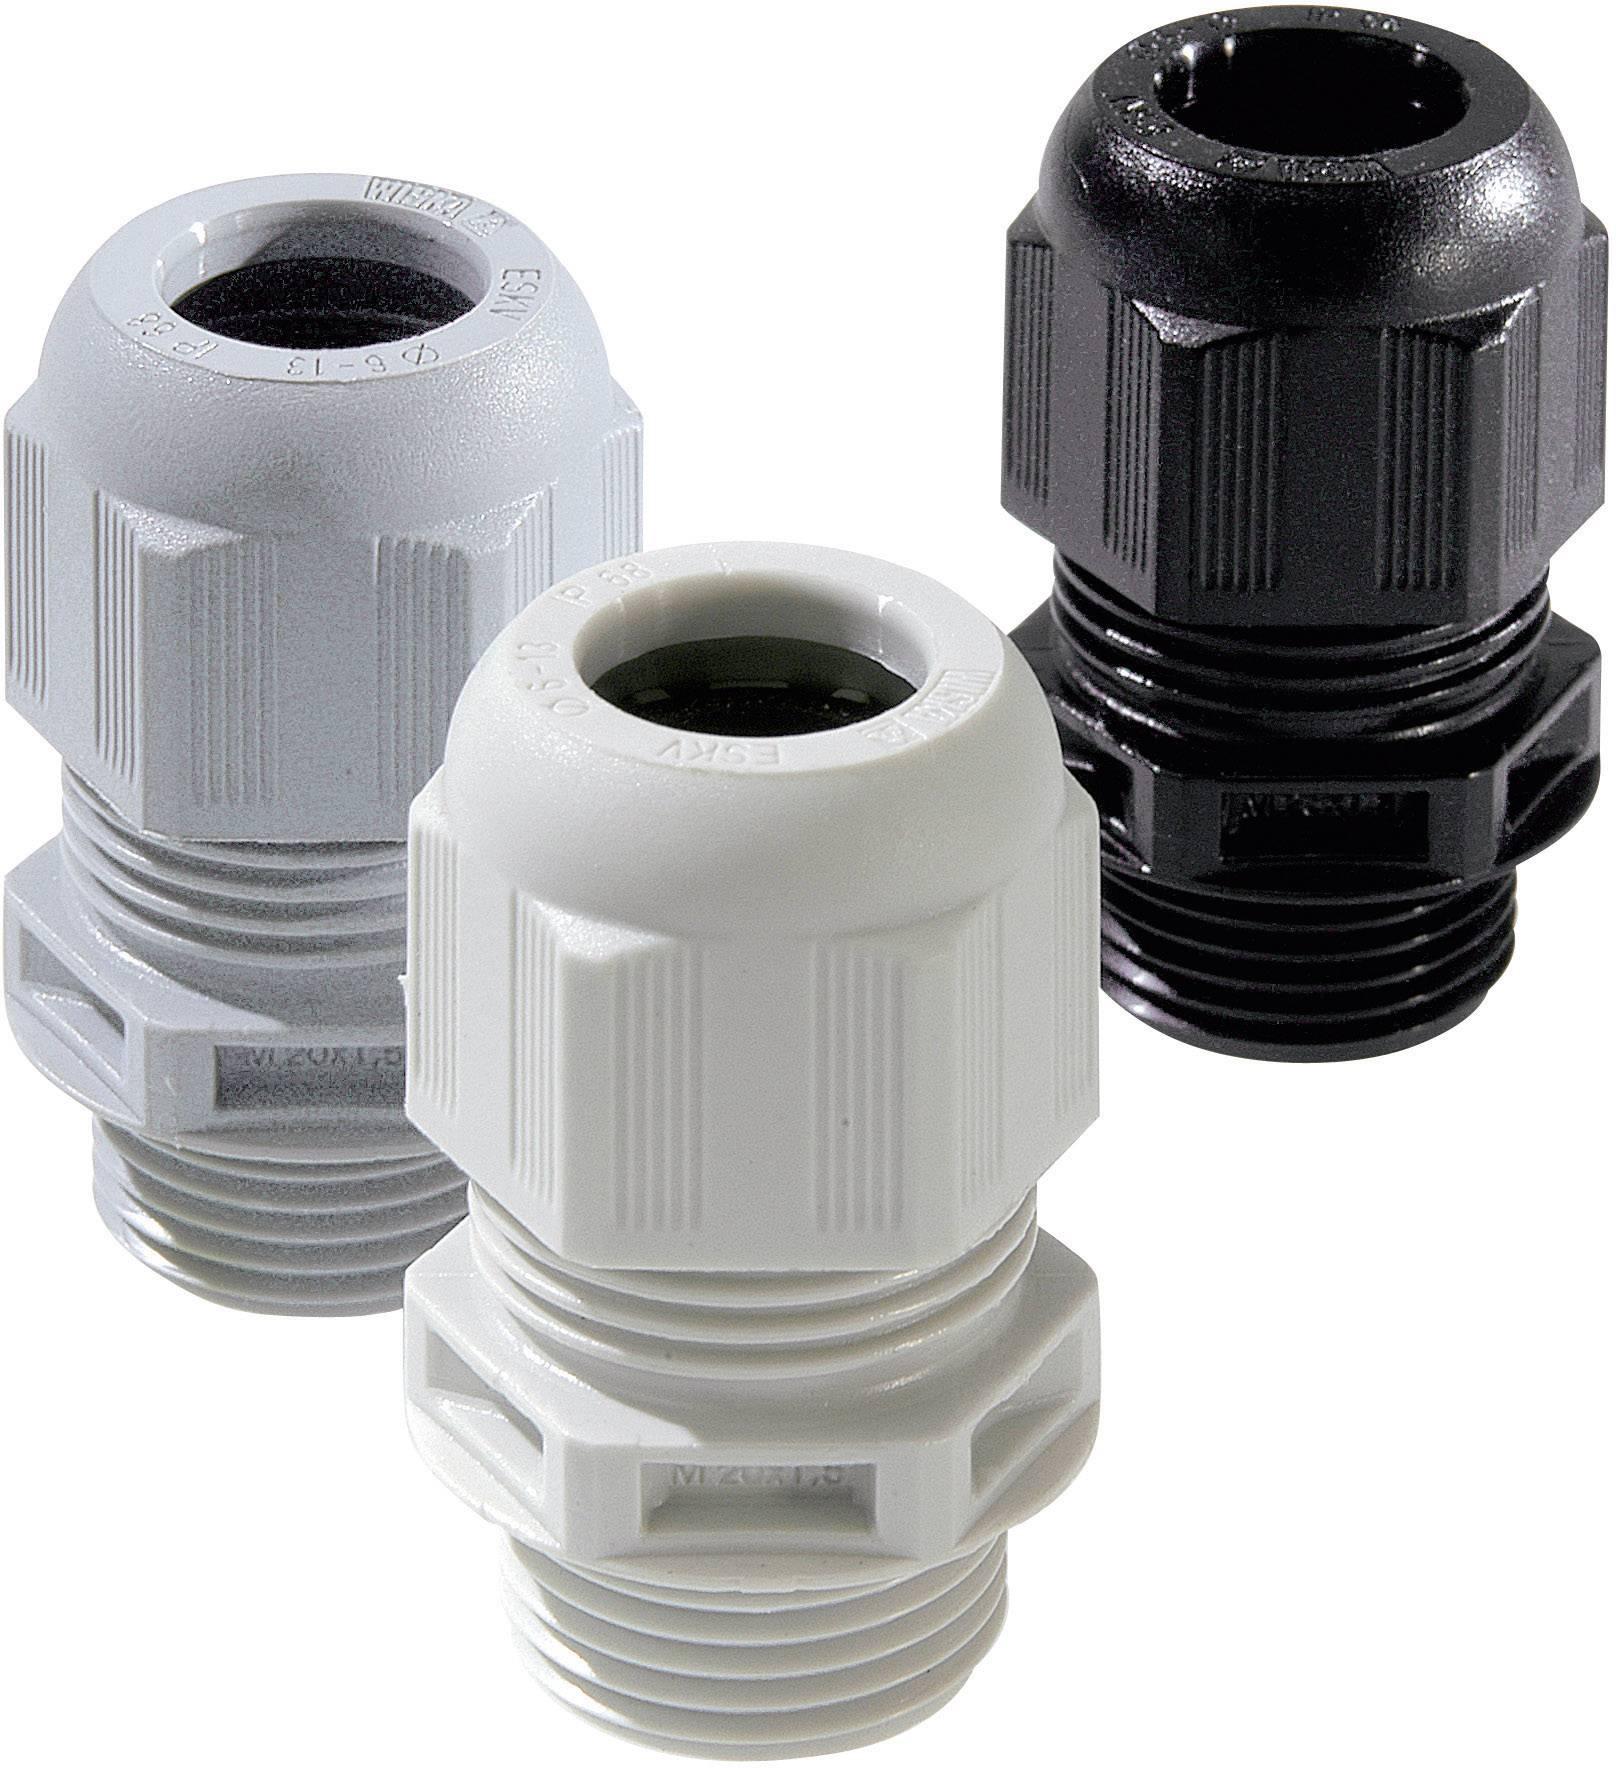 Káblová priechodka Wiska ESKV M32 RAL 9005, polyamid, čierna, 1 ks